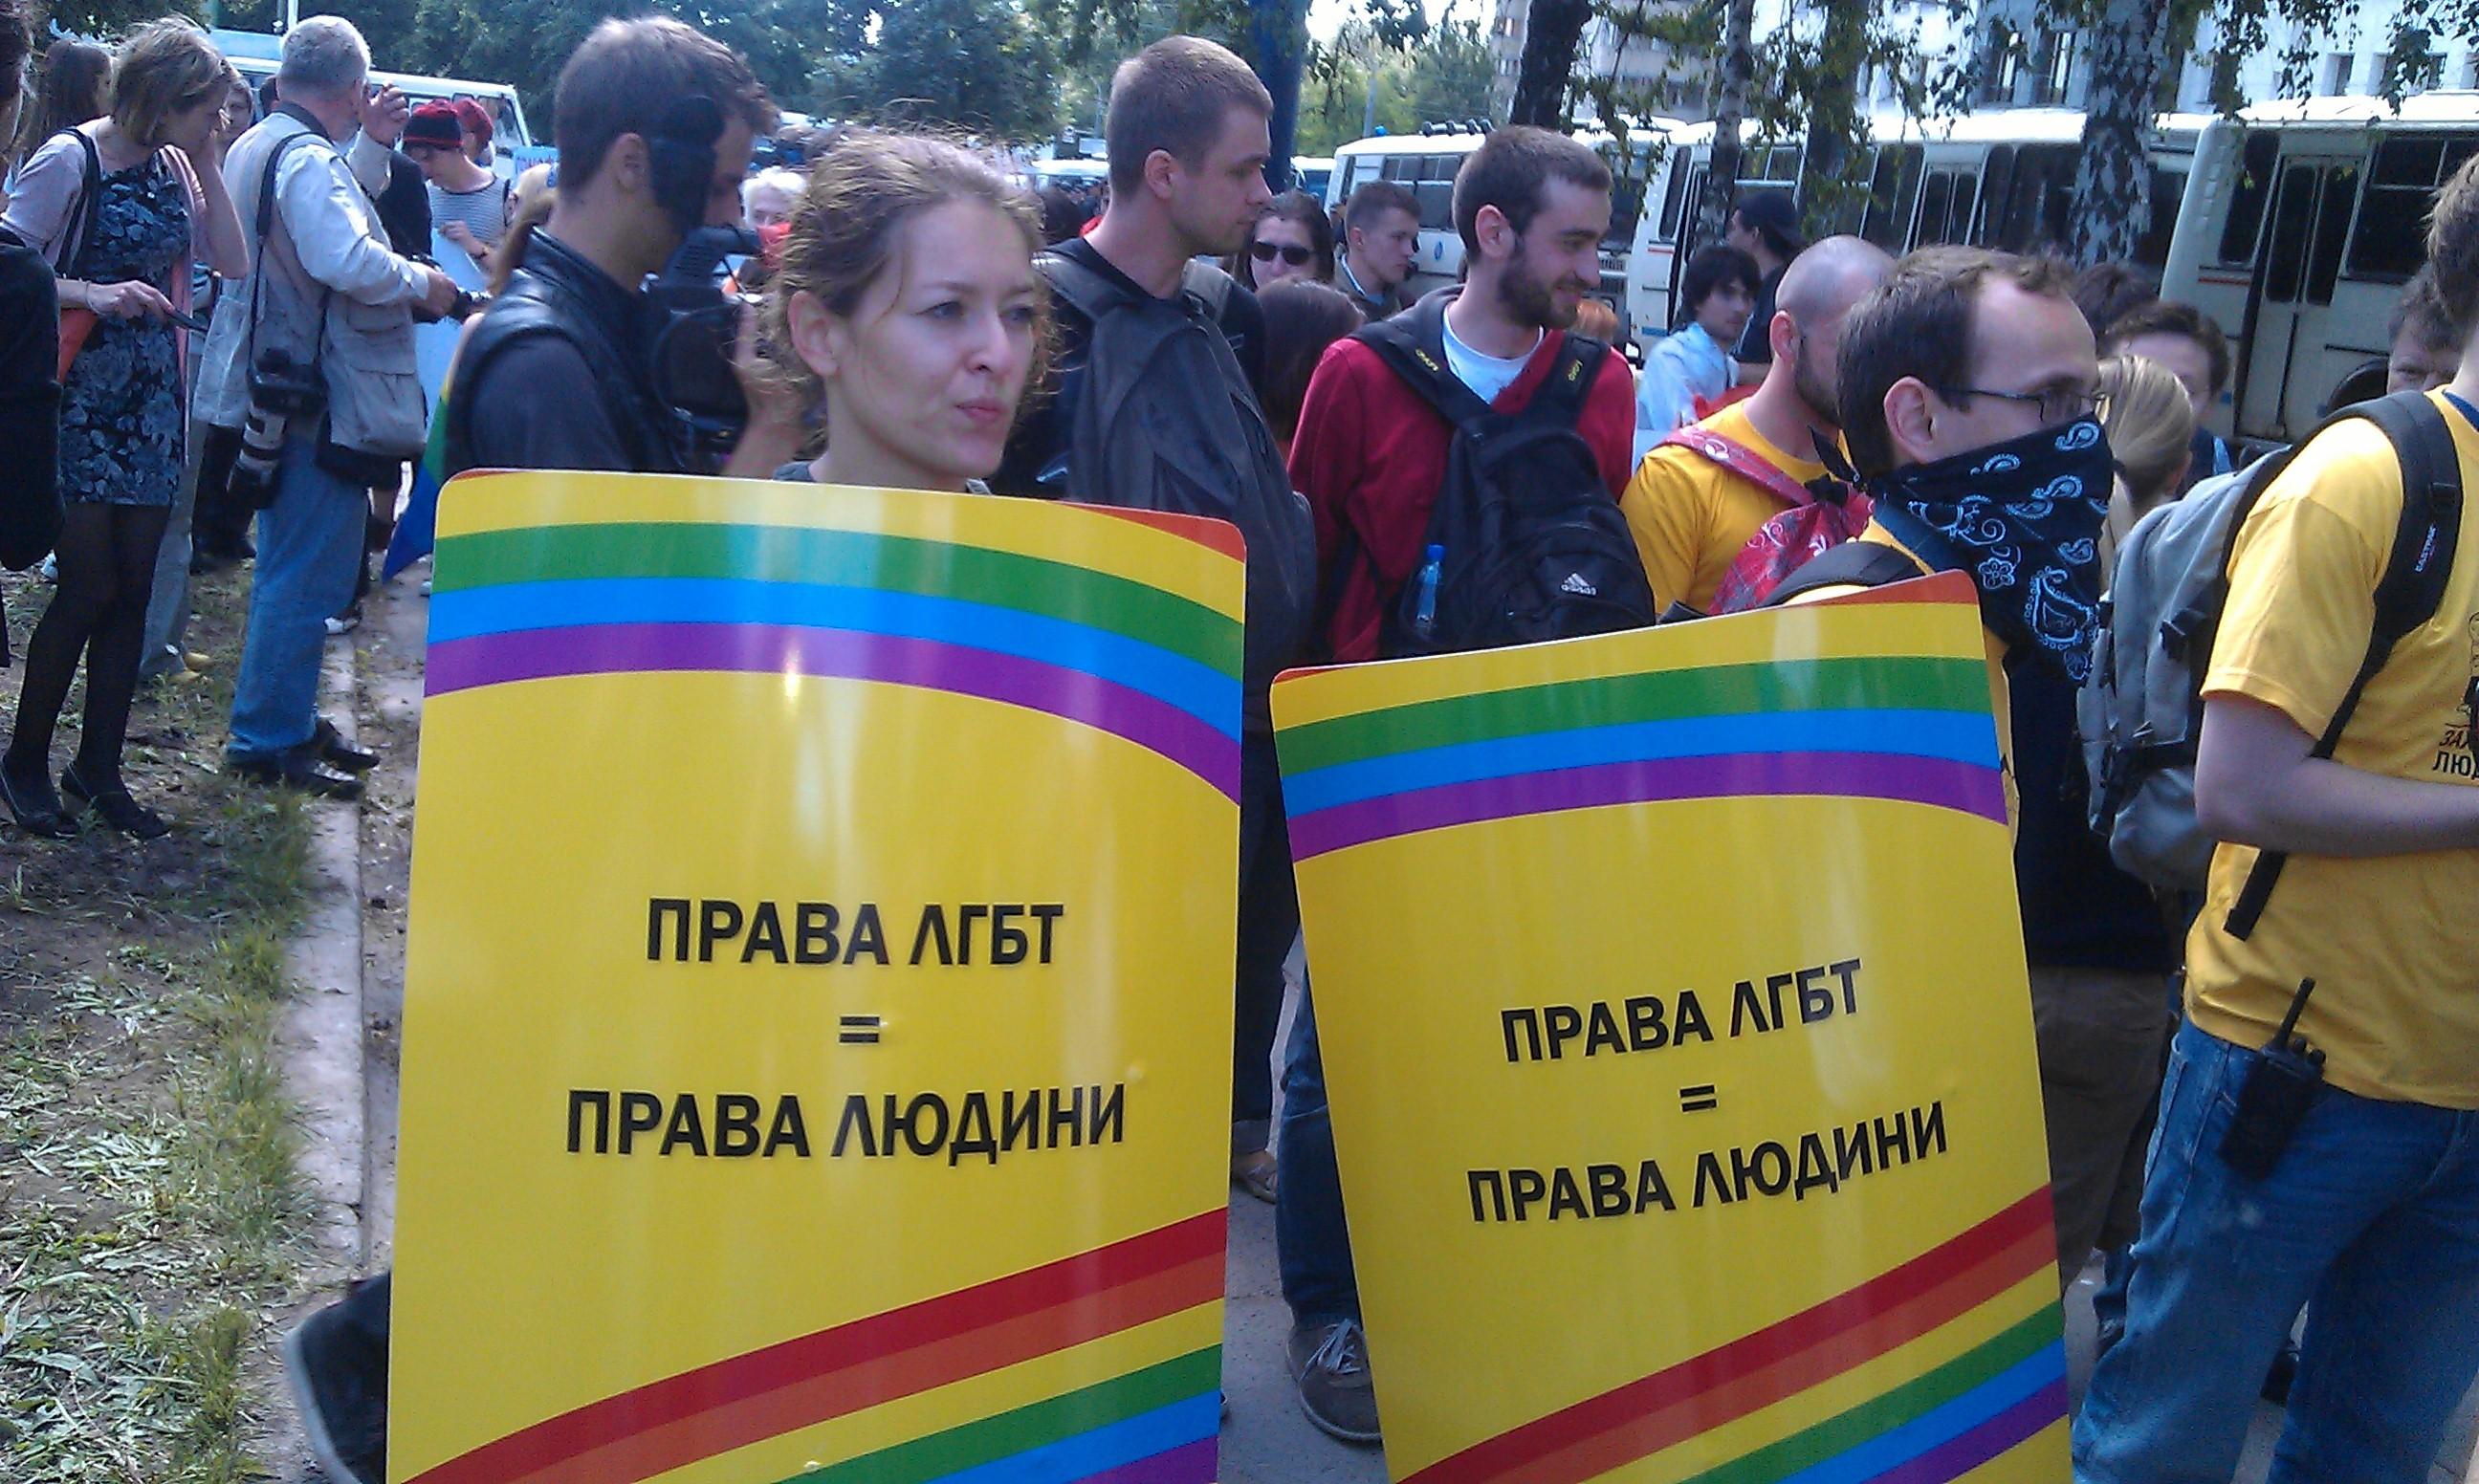 ВОдессе задержали 20 недовольных маршем равенства